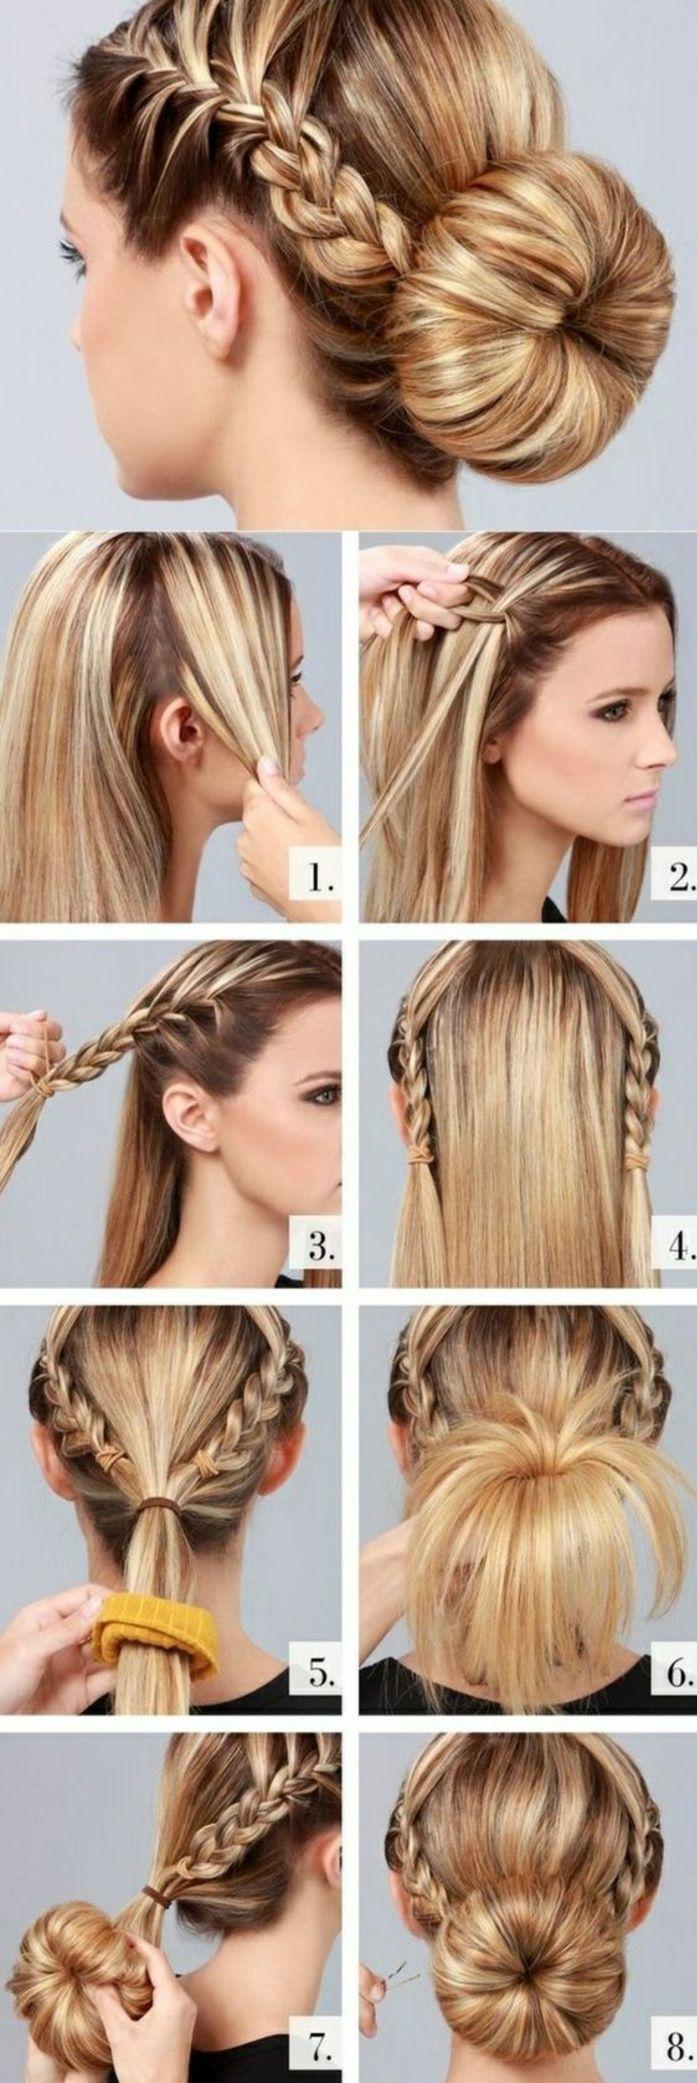 tuto pour réaliser une coiffure tresse, tresse africaine sur le coté et chignon bas, exemple de ...